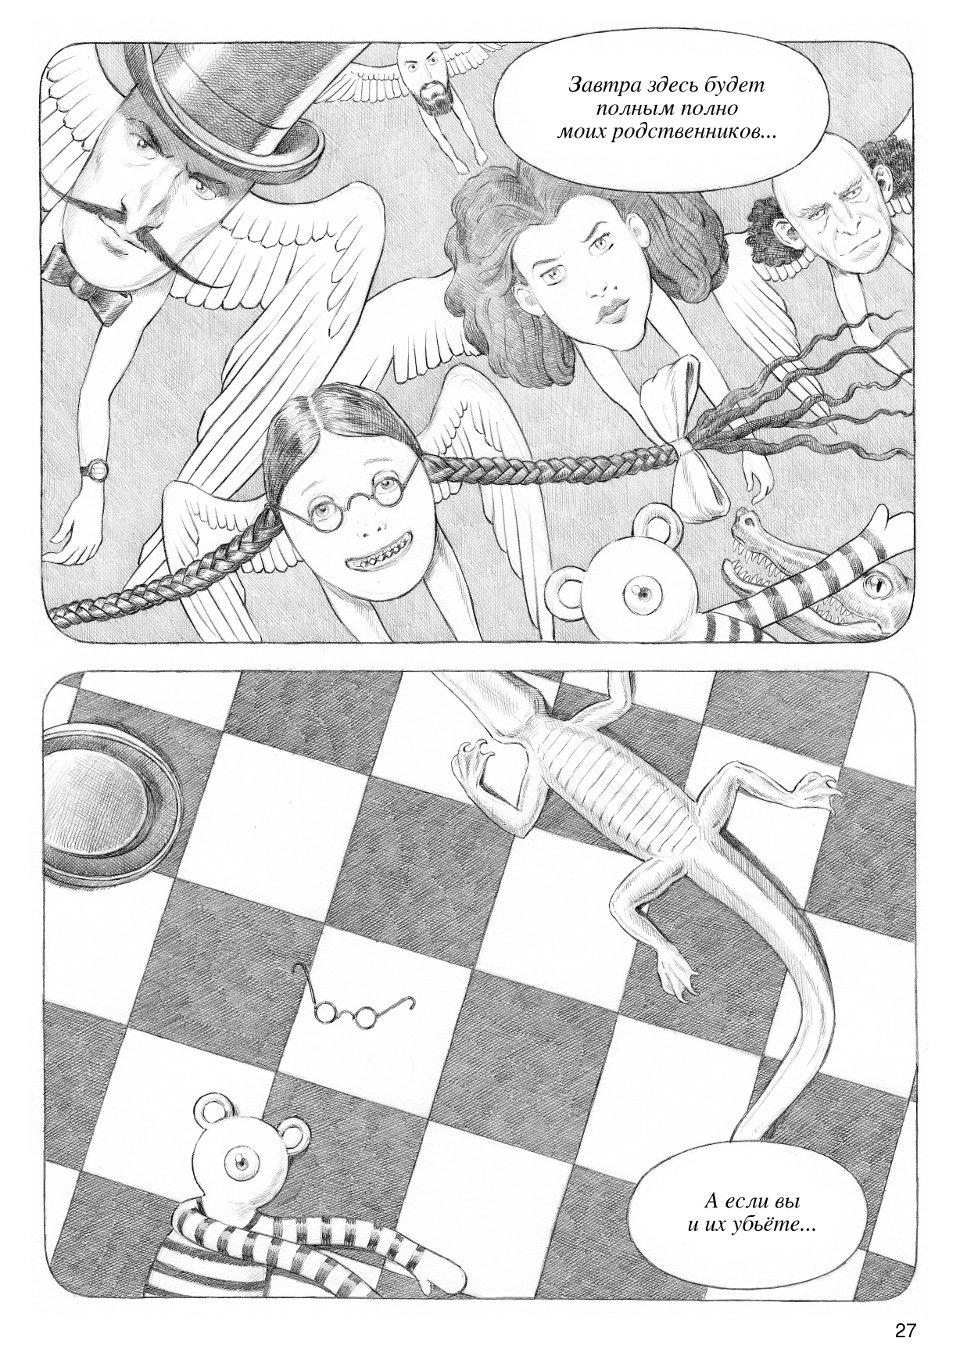 027_dirizhablyam-strelok-oppundeyl-komiksy-kartinki-komiksy_359431017